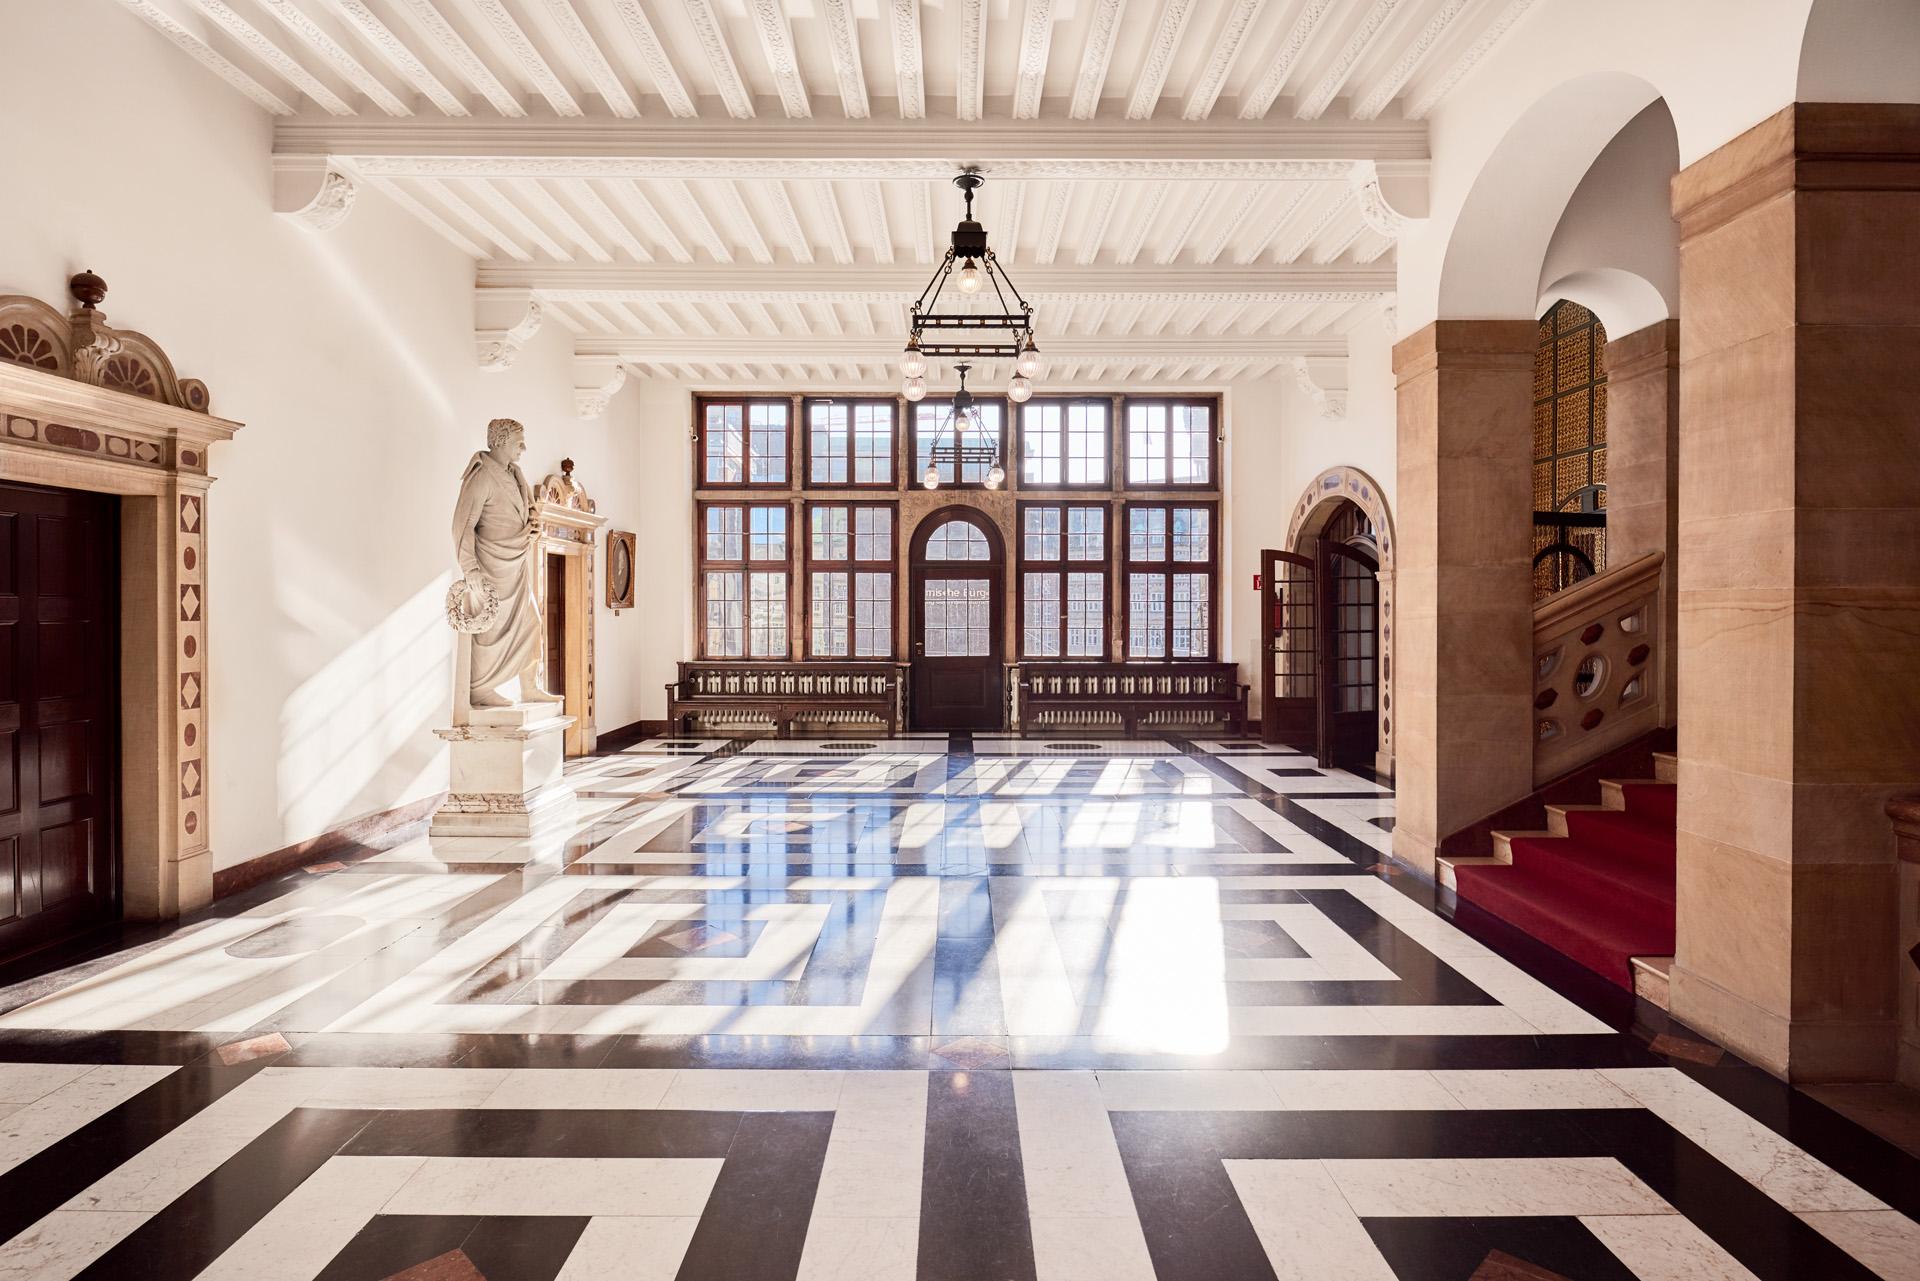 Innenansicht: Flur im historischen Bremer Rathaus mit Blick auf die bremische Bürgerschaft